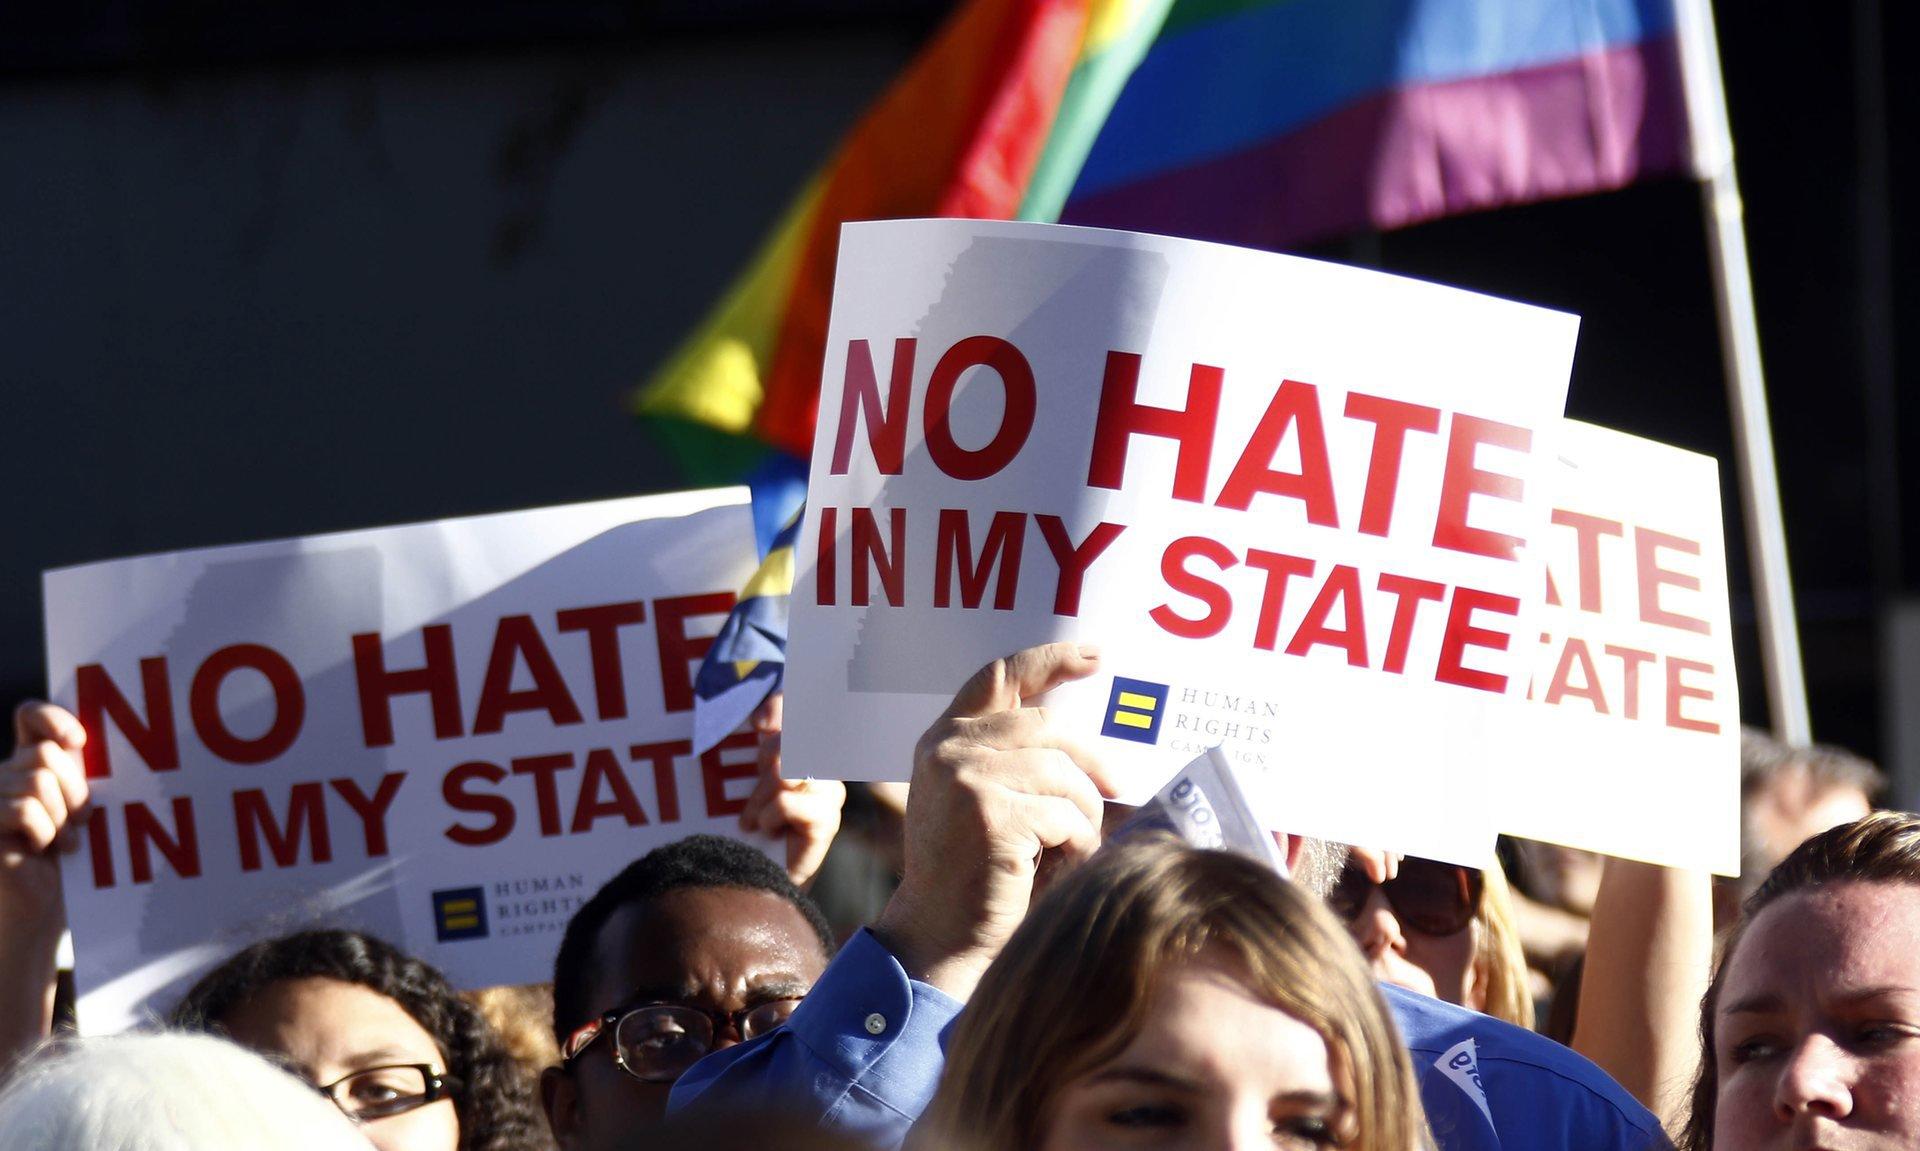 Etats-Unis : le Mississippi ratifie une loi autorisant les discriminations des personnes LGBT